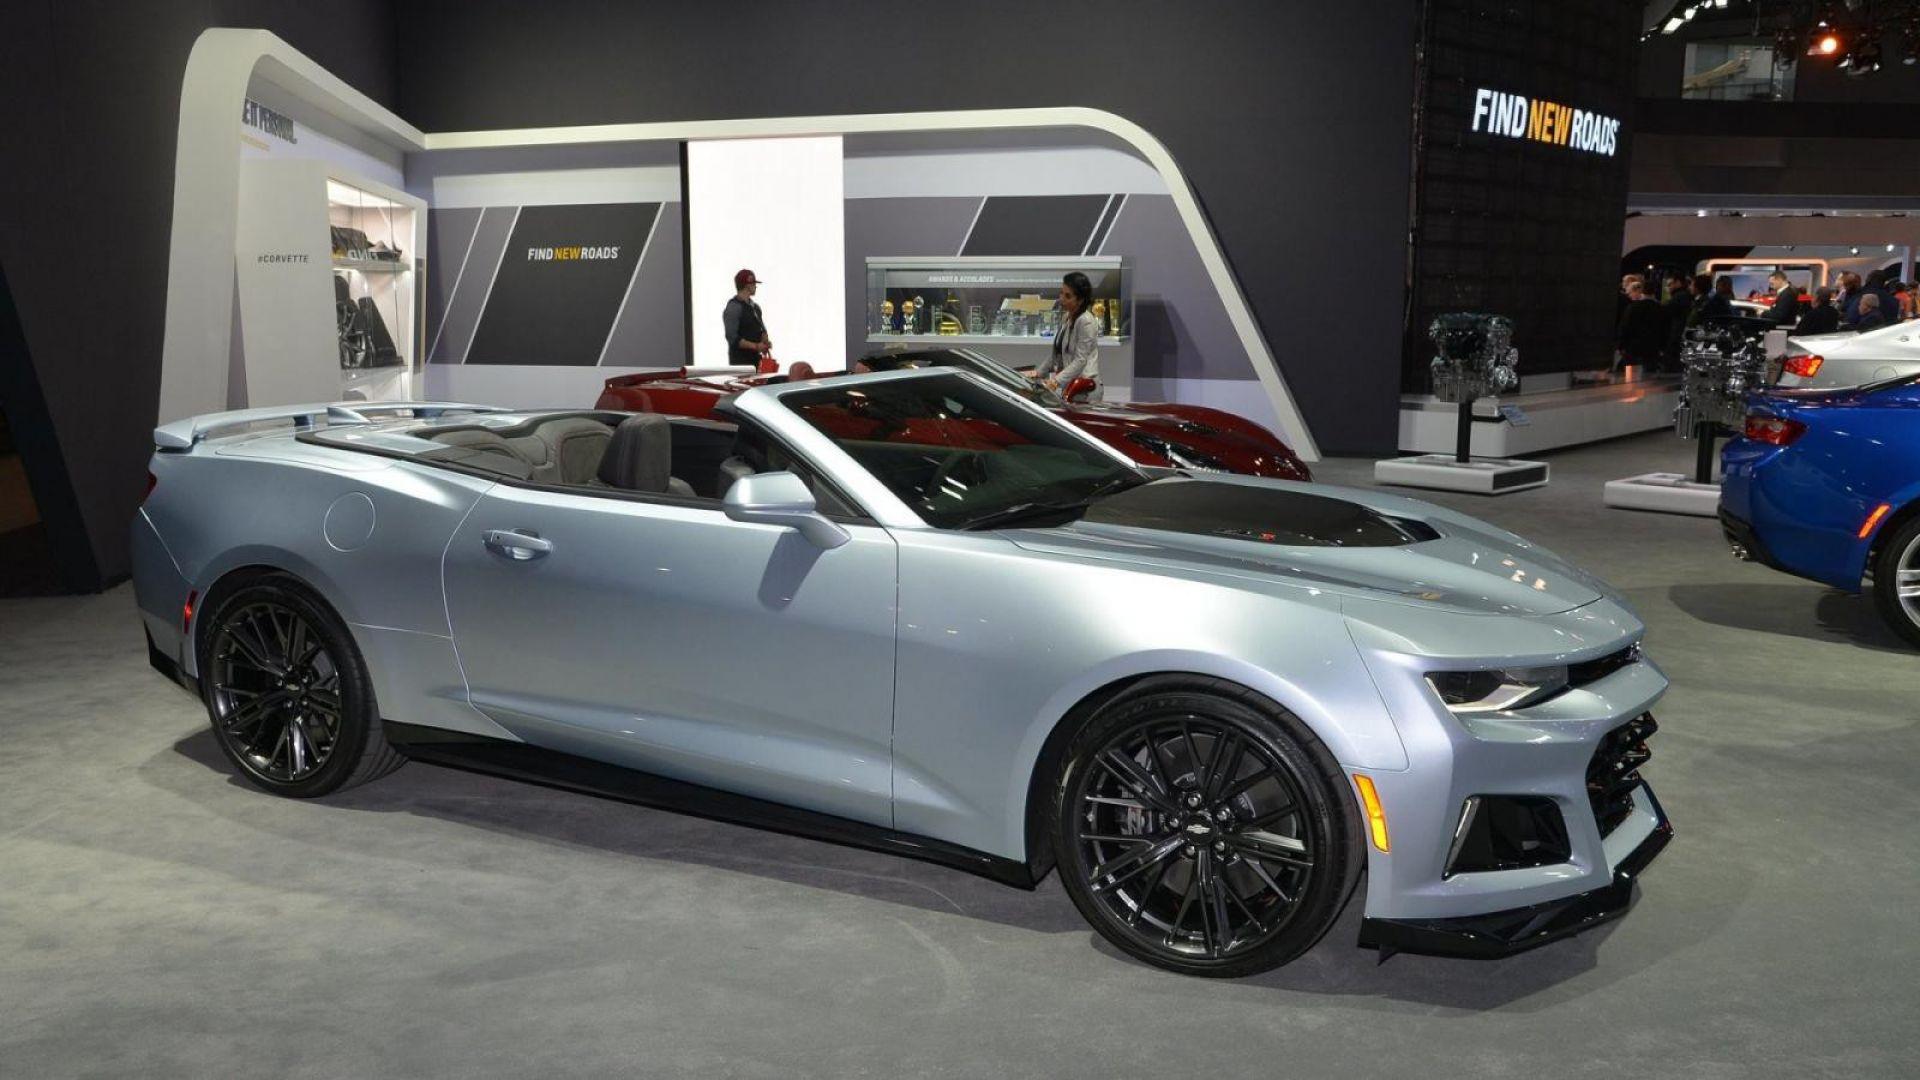 Novità auto: Chevrolet Camaro ZL1 Cabrio - MotorBox